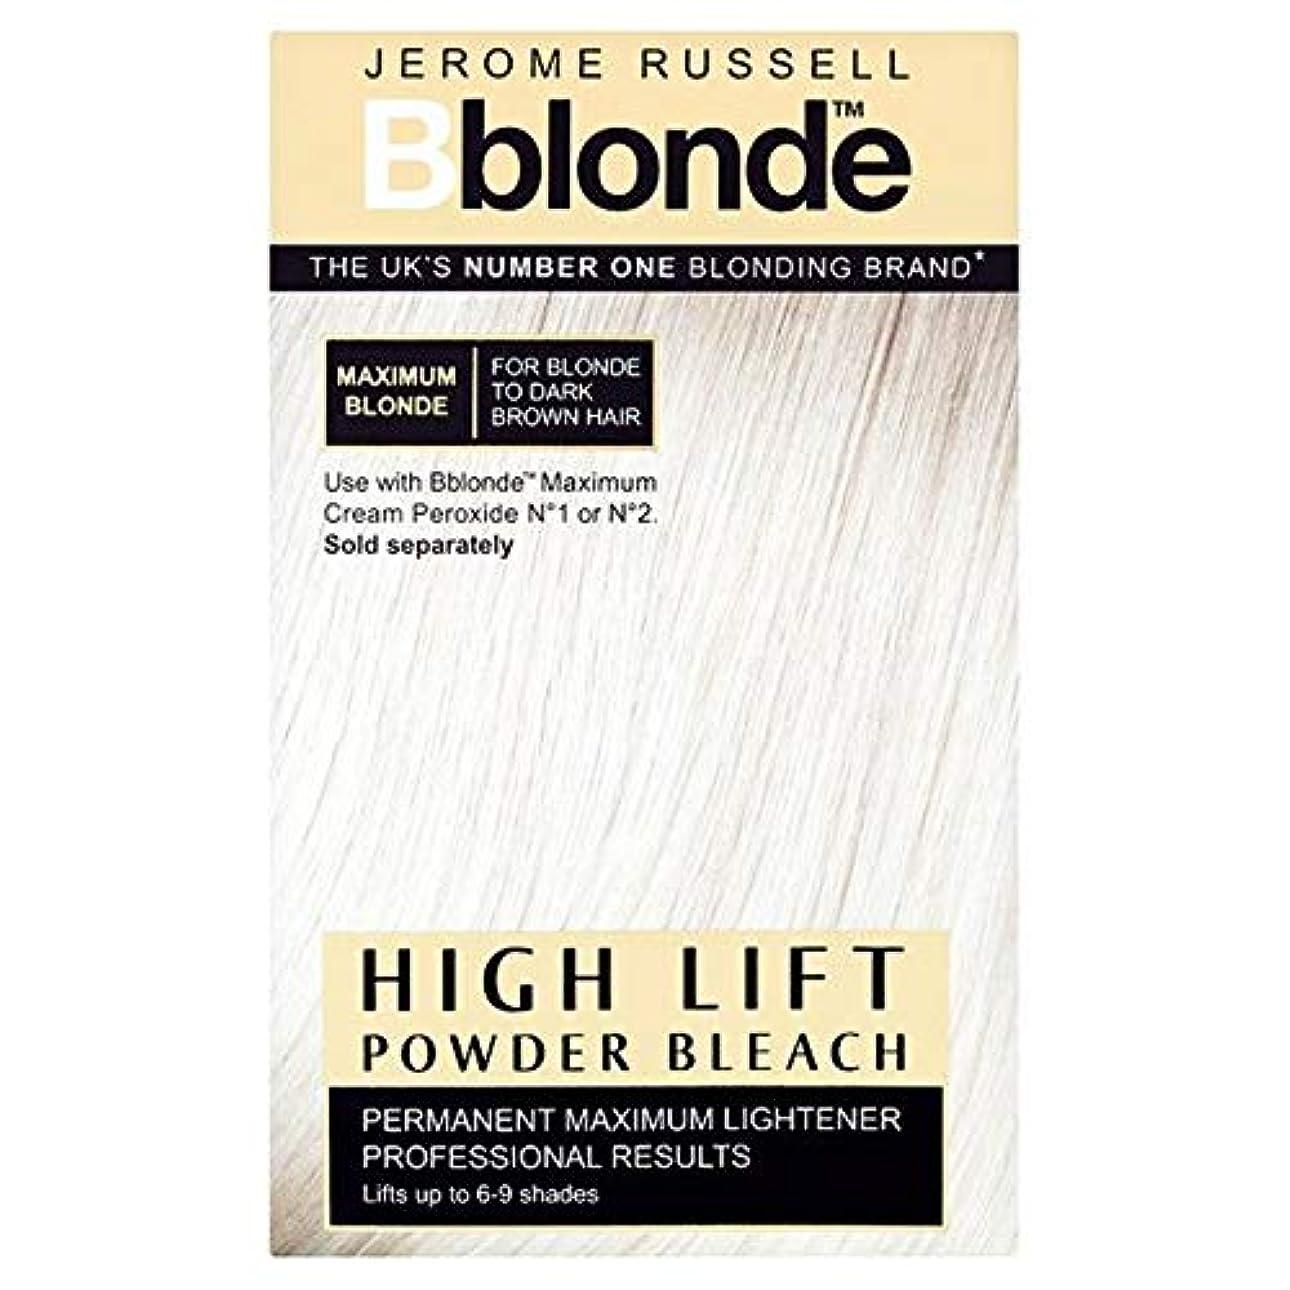 政令年貝殻[Jerome Russell] ジェロームラッセルBブロンド高リフト粉末漂白剤 - Jerome Russell B Blonde High Lift Powder Bleach [並行輸入品]